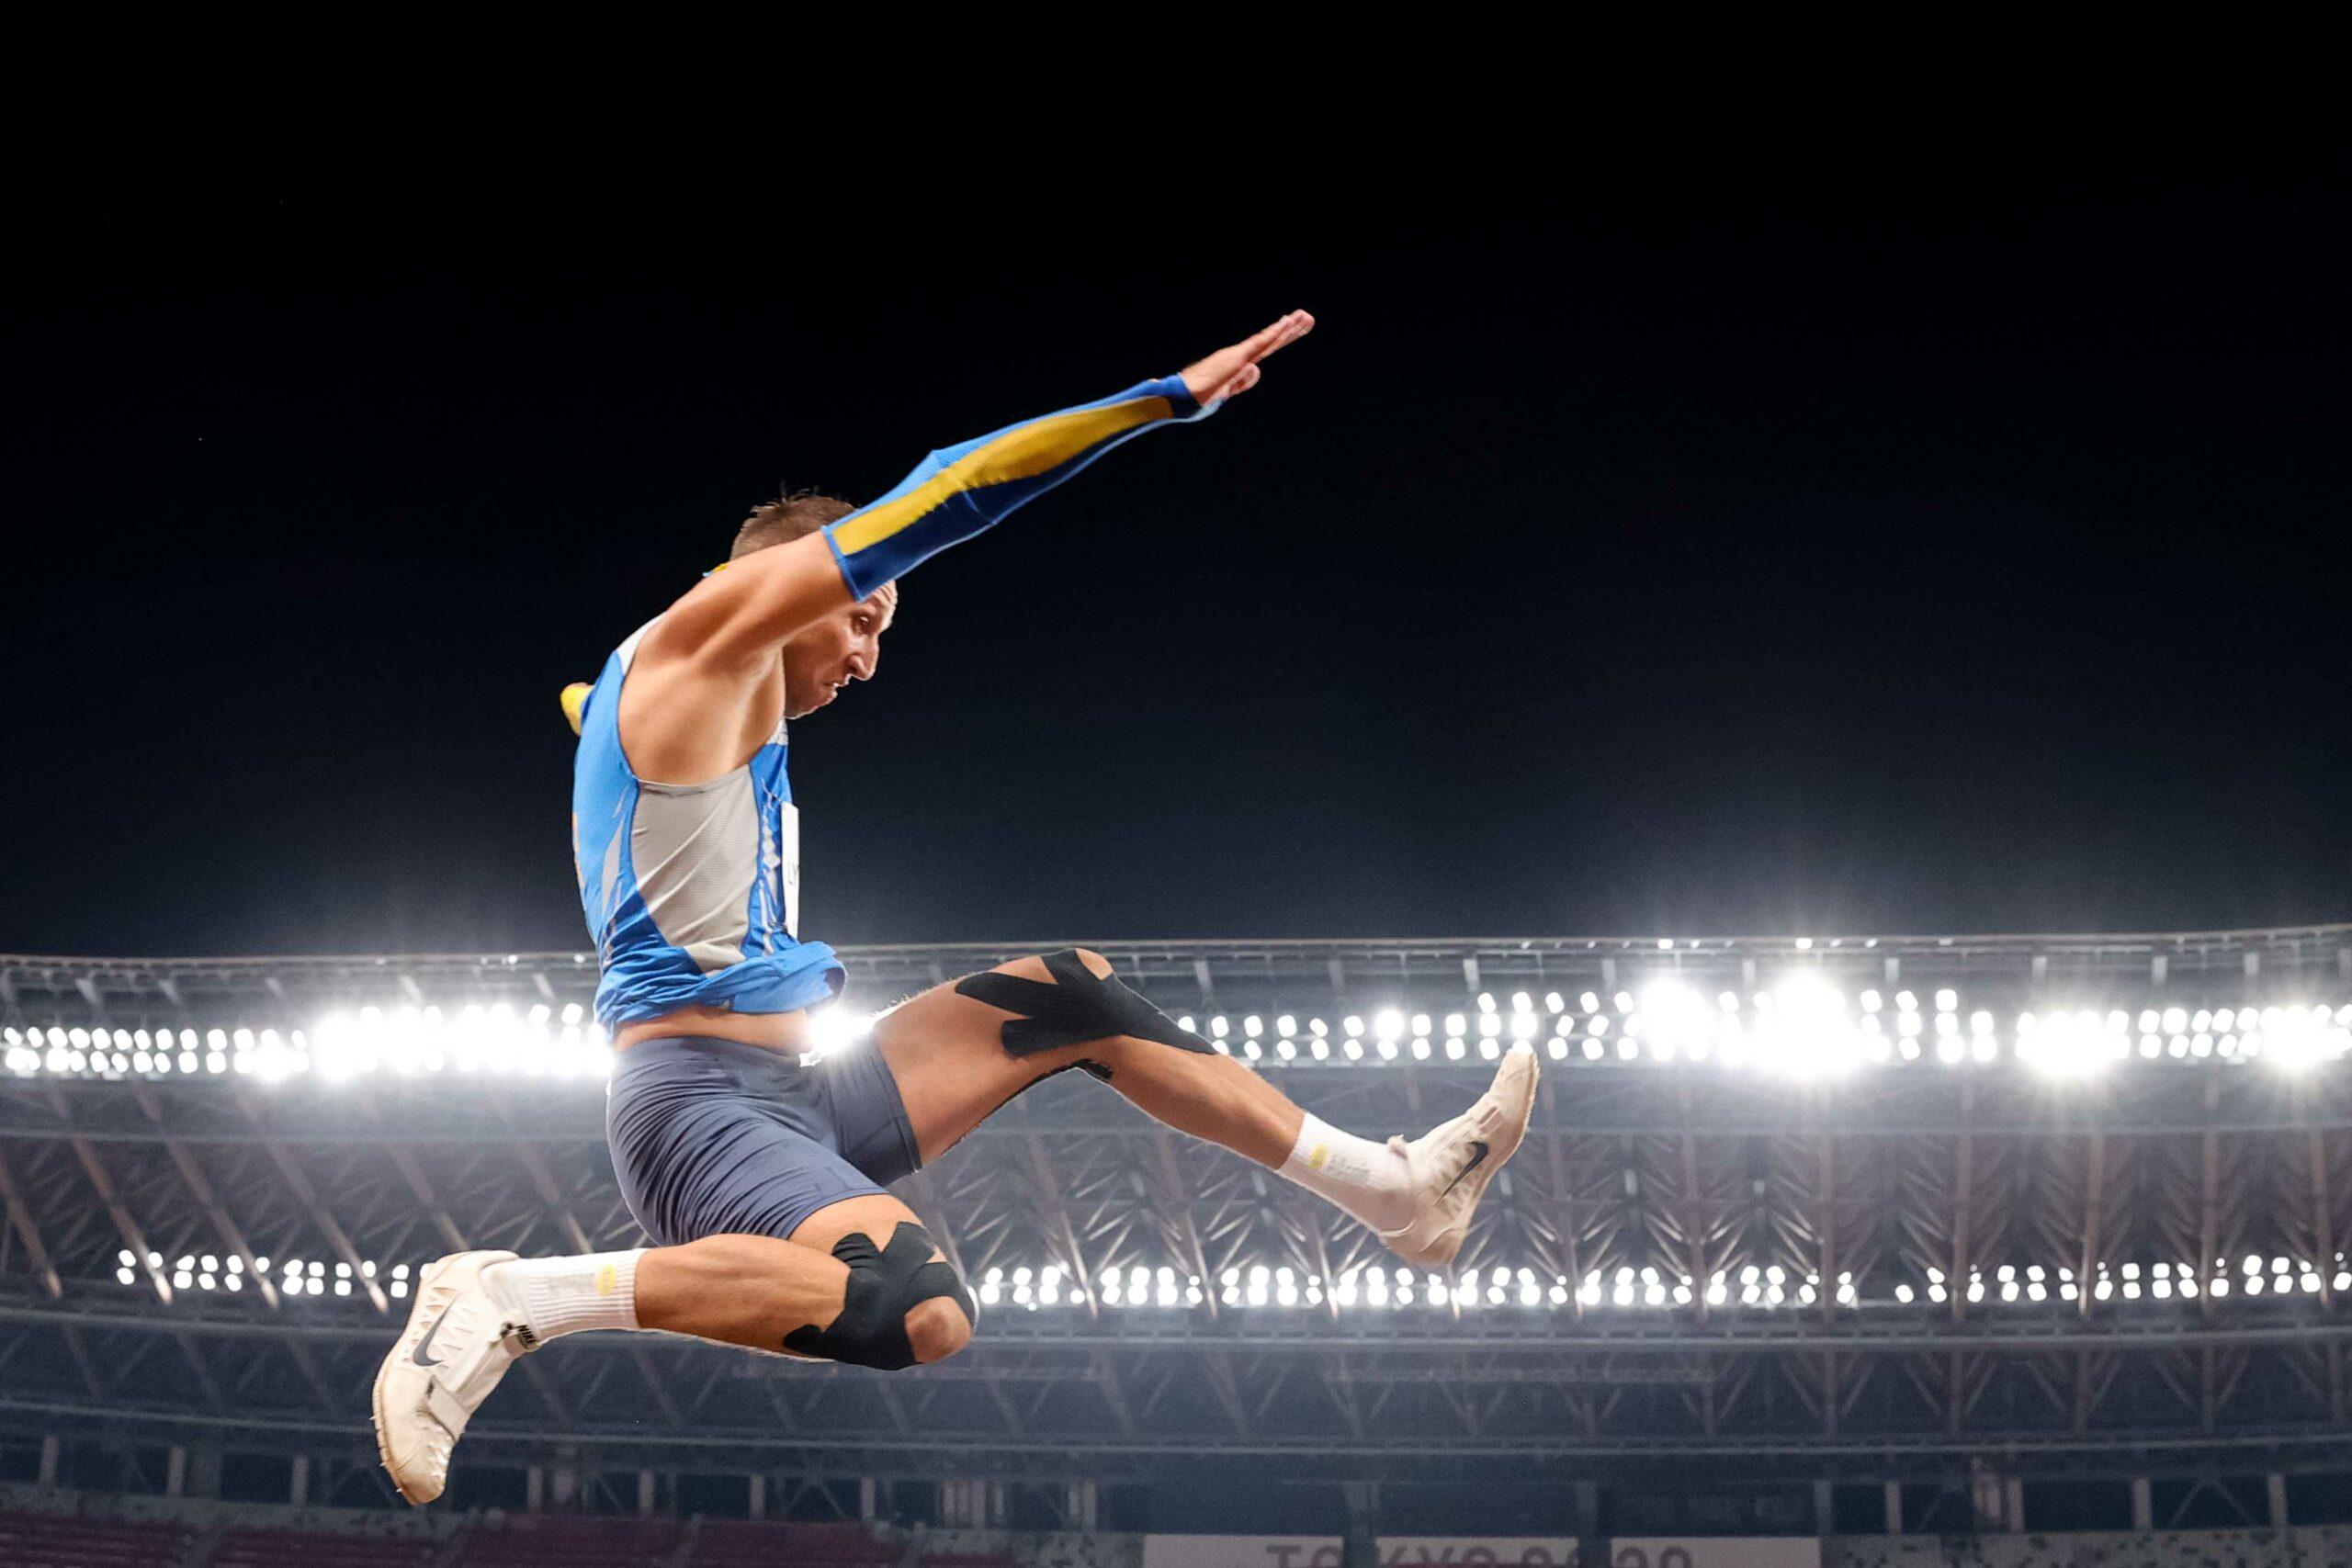 gettyimages 1337410341 scaled - <b>Необмежені можливості.</b> Як українським паралімпійцям удається перемагати в спорті та житті - Заборона